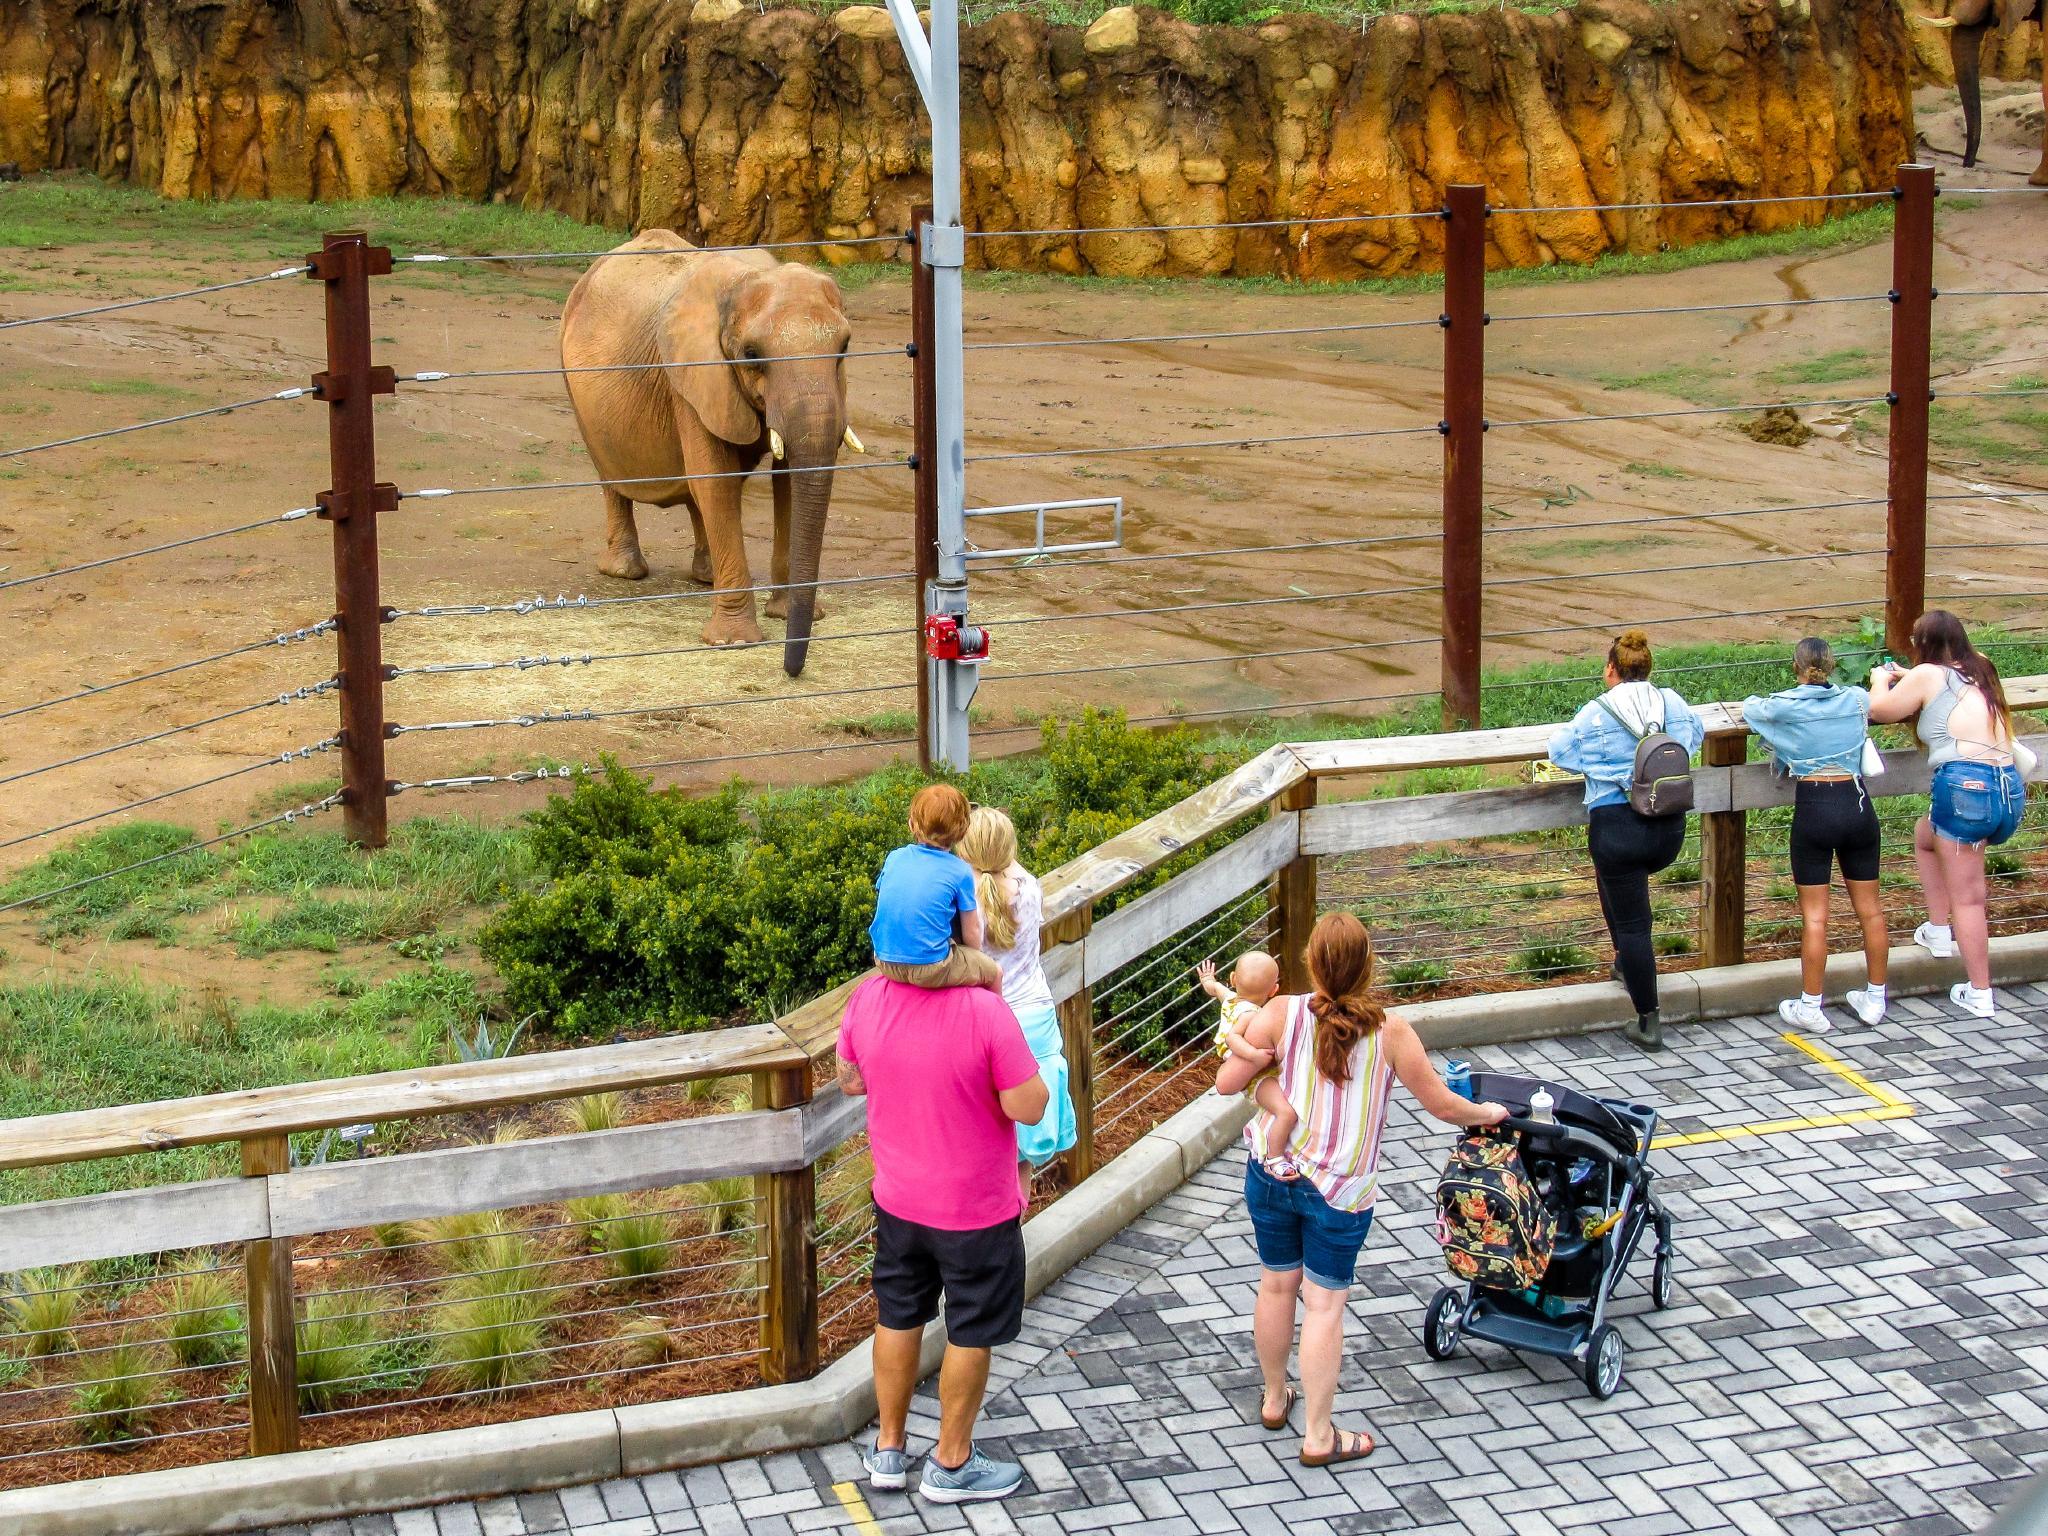 Families look at an elephant in its enclosure at Zoo Atlanta.